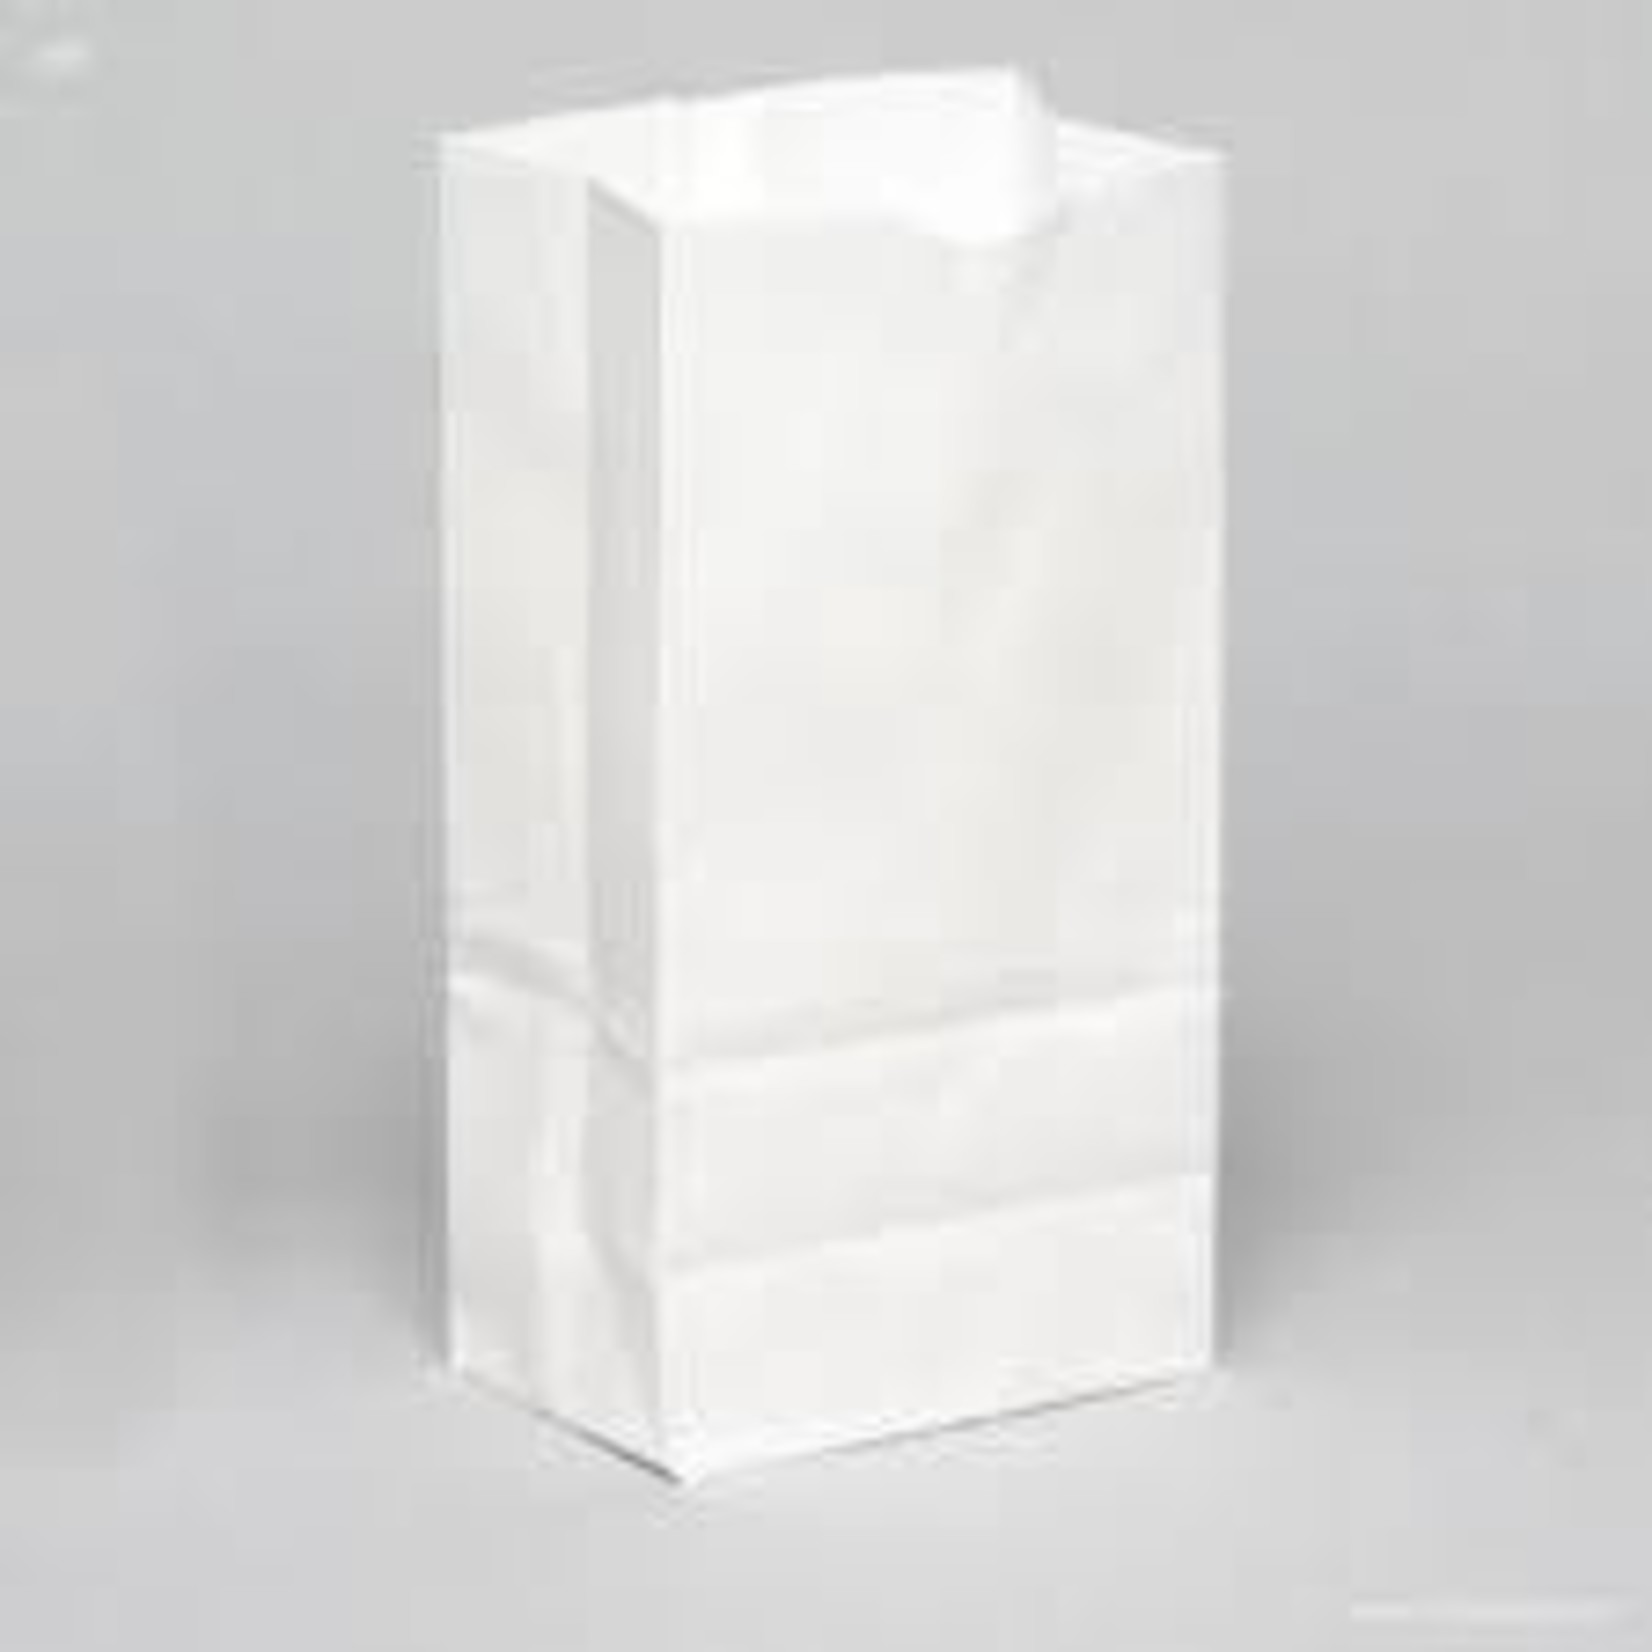 Bags-White-Paper-1lb-50pk